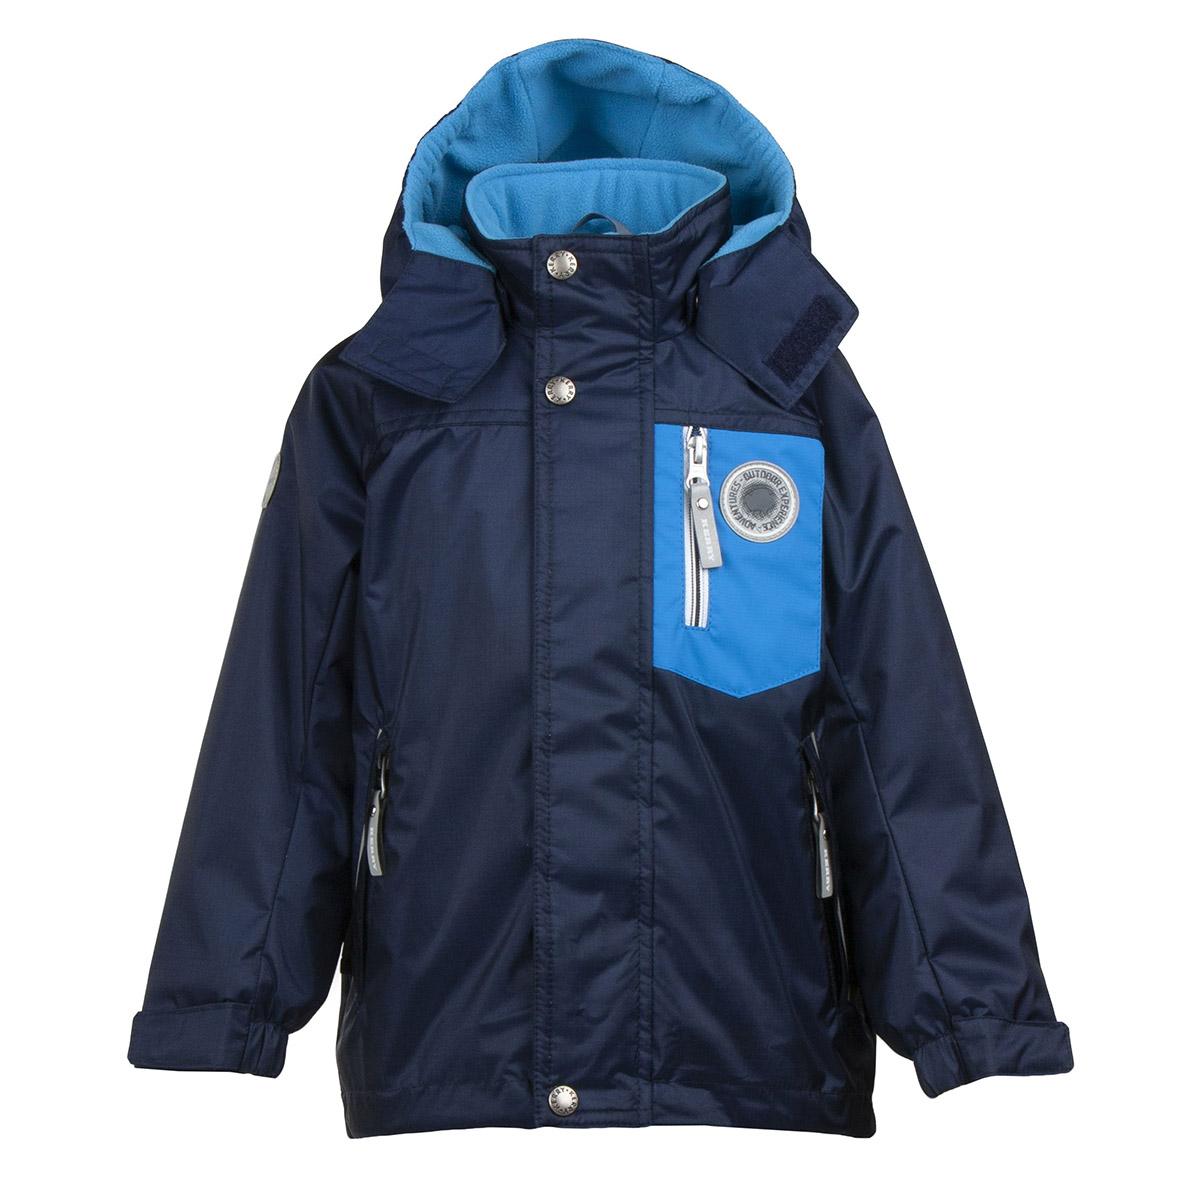 Купить Куртка для мальчиков CITY Kerry, Размер 104, Цвет 299-темно-синий K20021-299_104,